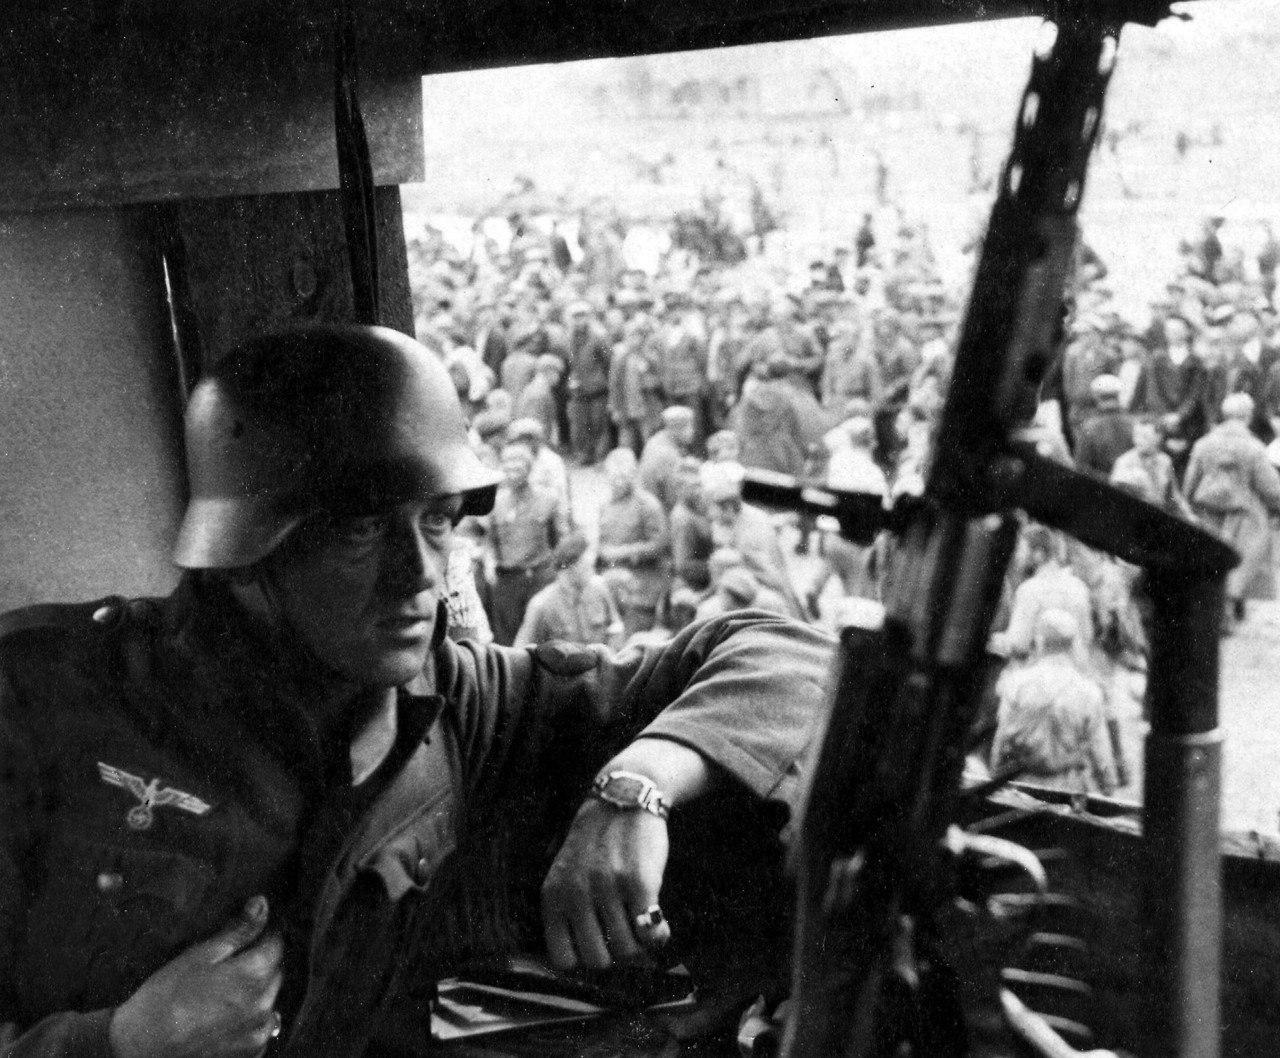 вид с пулеметной вышки лагеря для военнопленных.